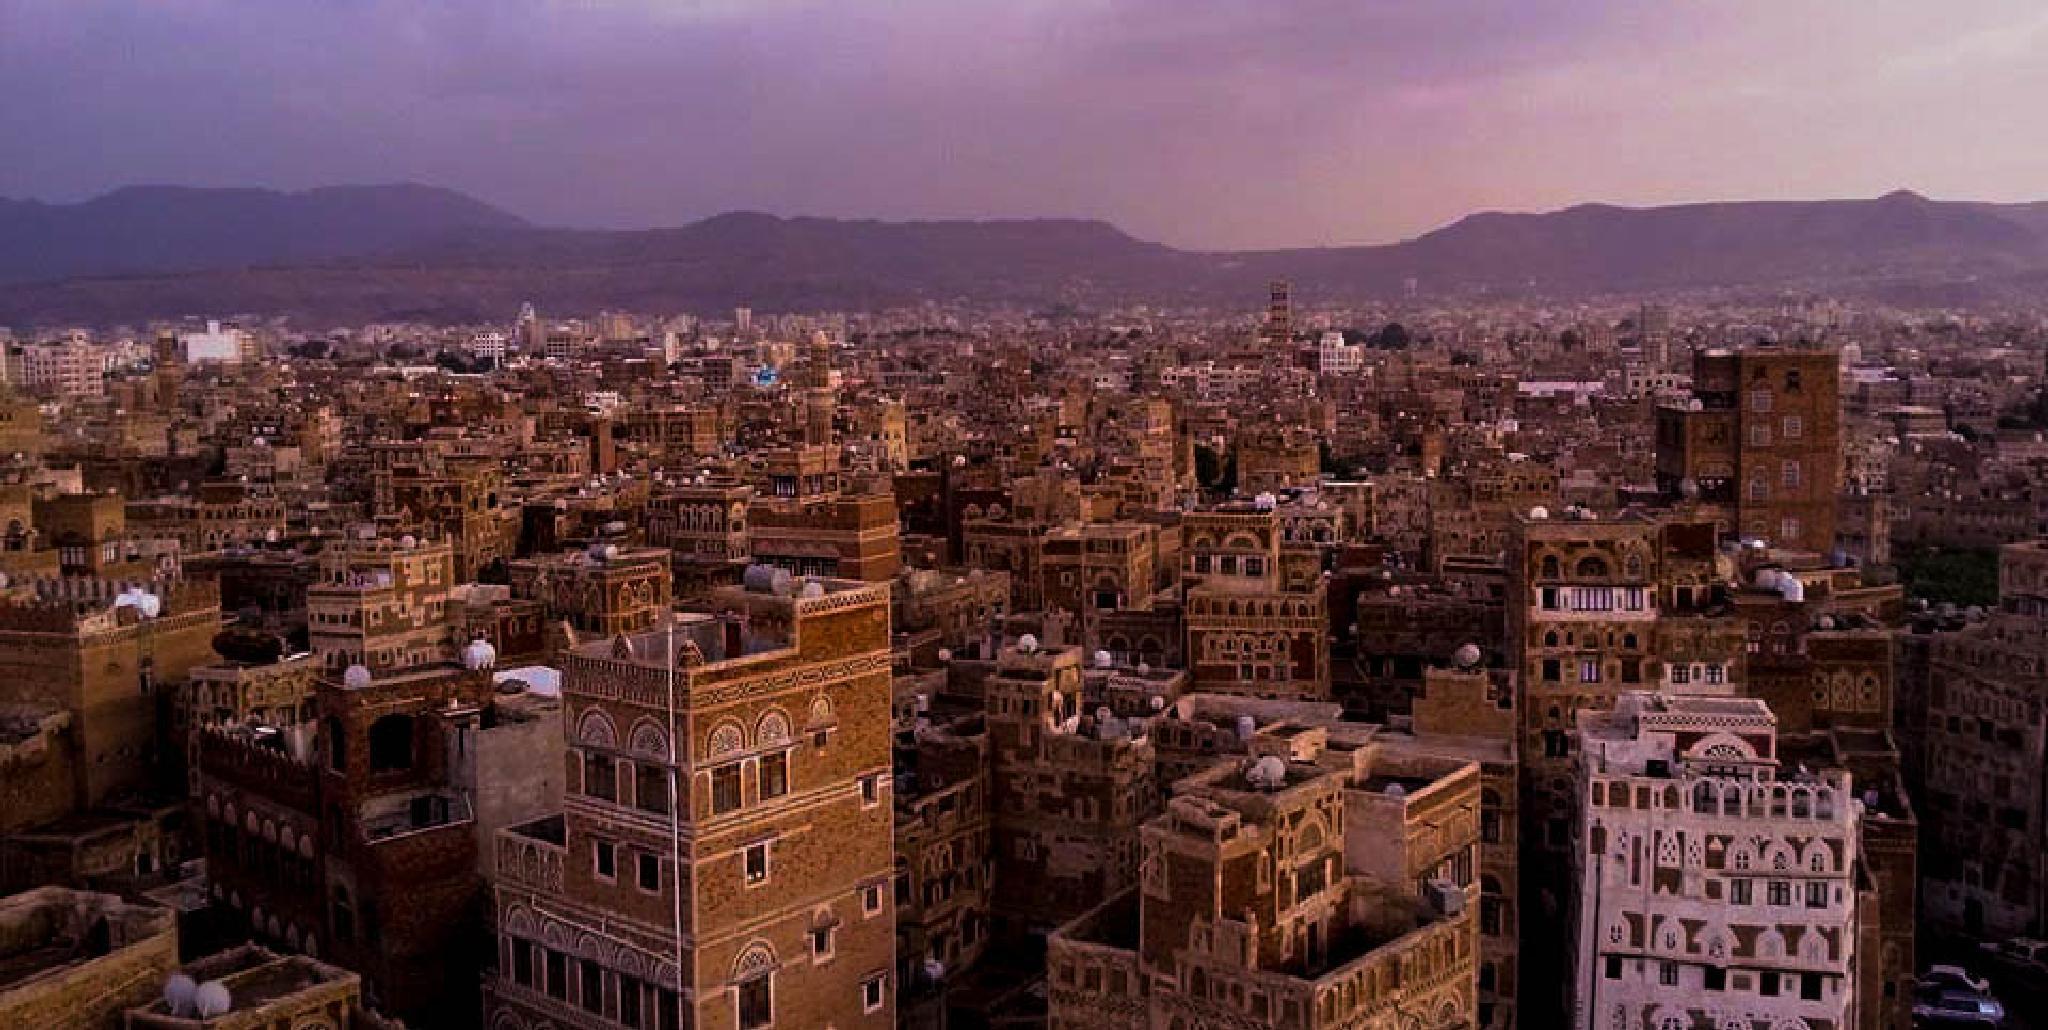 old sana.a city  by abdalellah abdalqader aldhorae